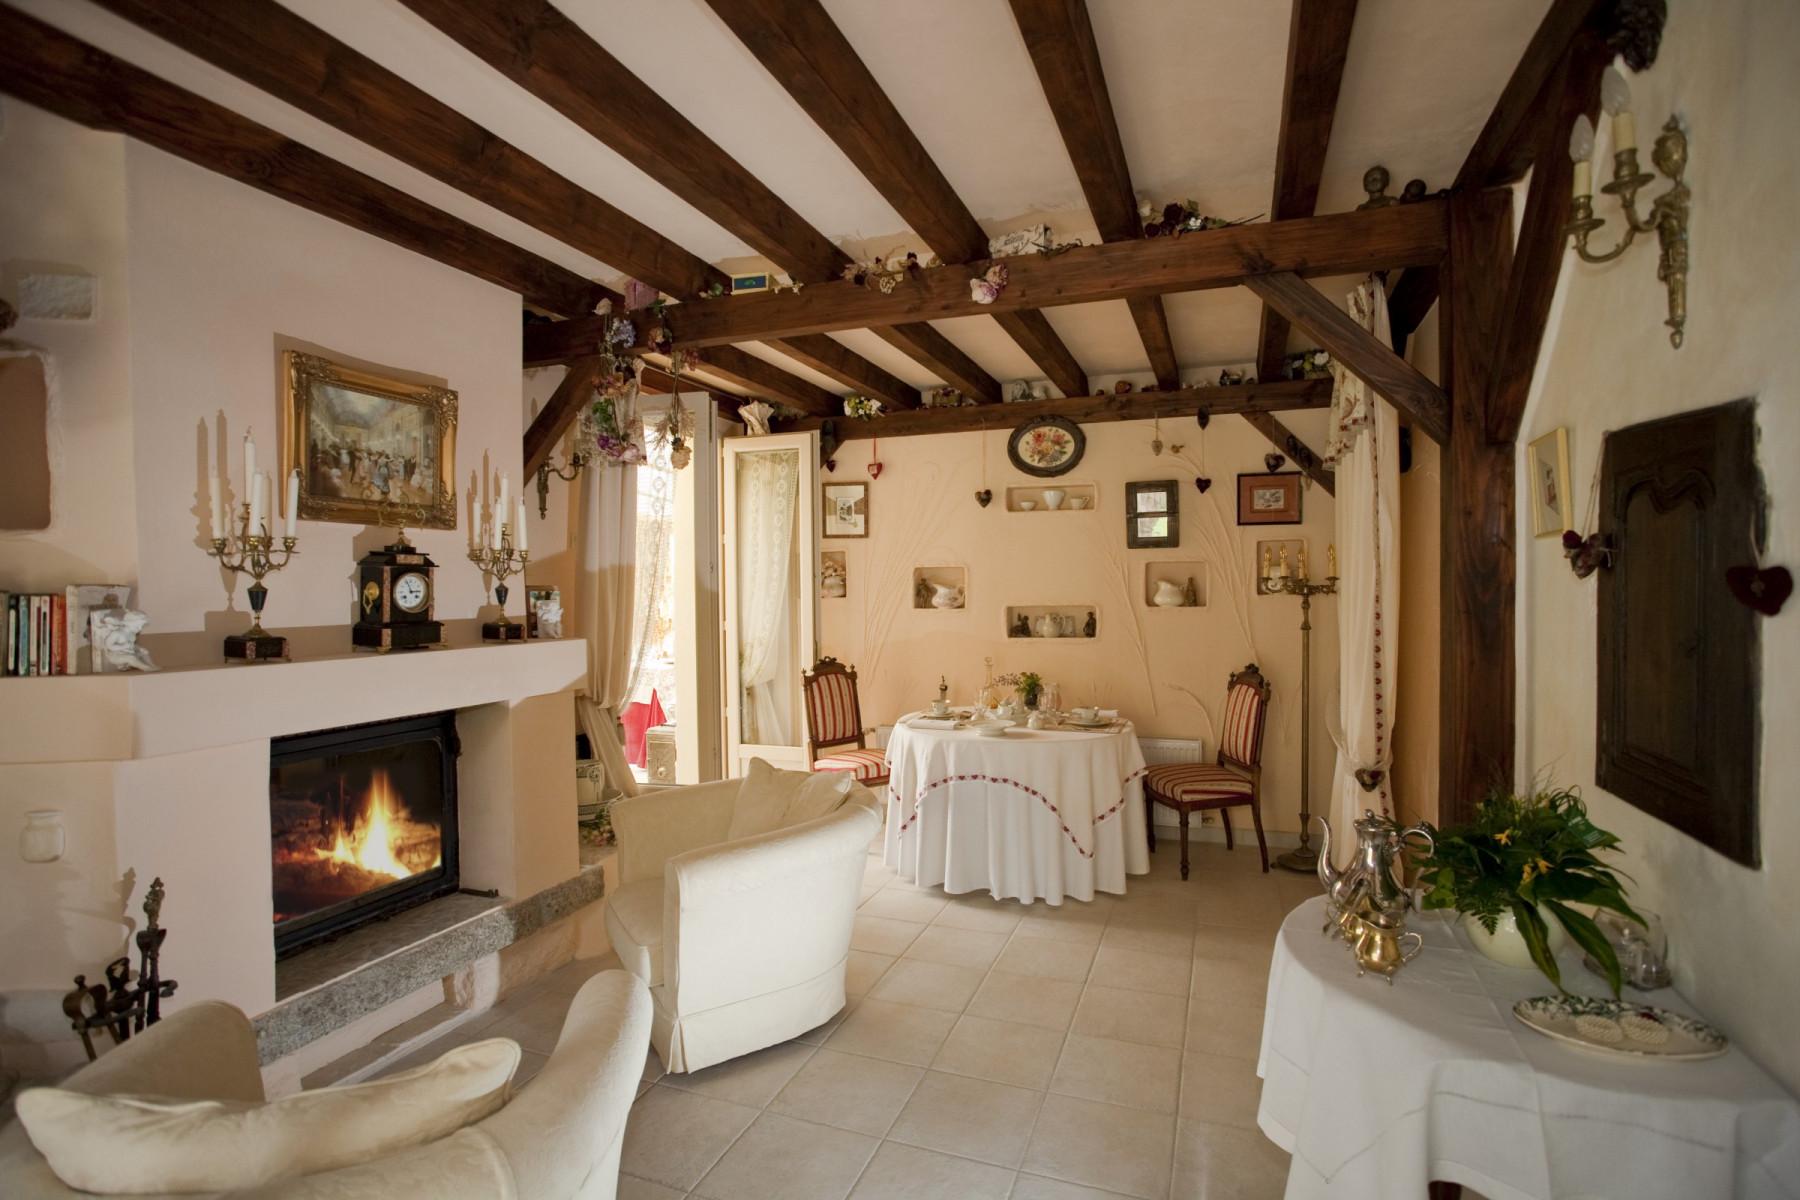 Demeure-de-la-Vendemiere-decor-1-bis-petit-dejeuner-table-dhotes-ant.-2014